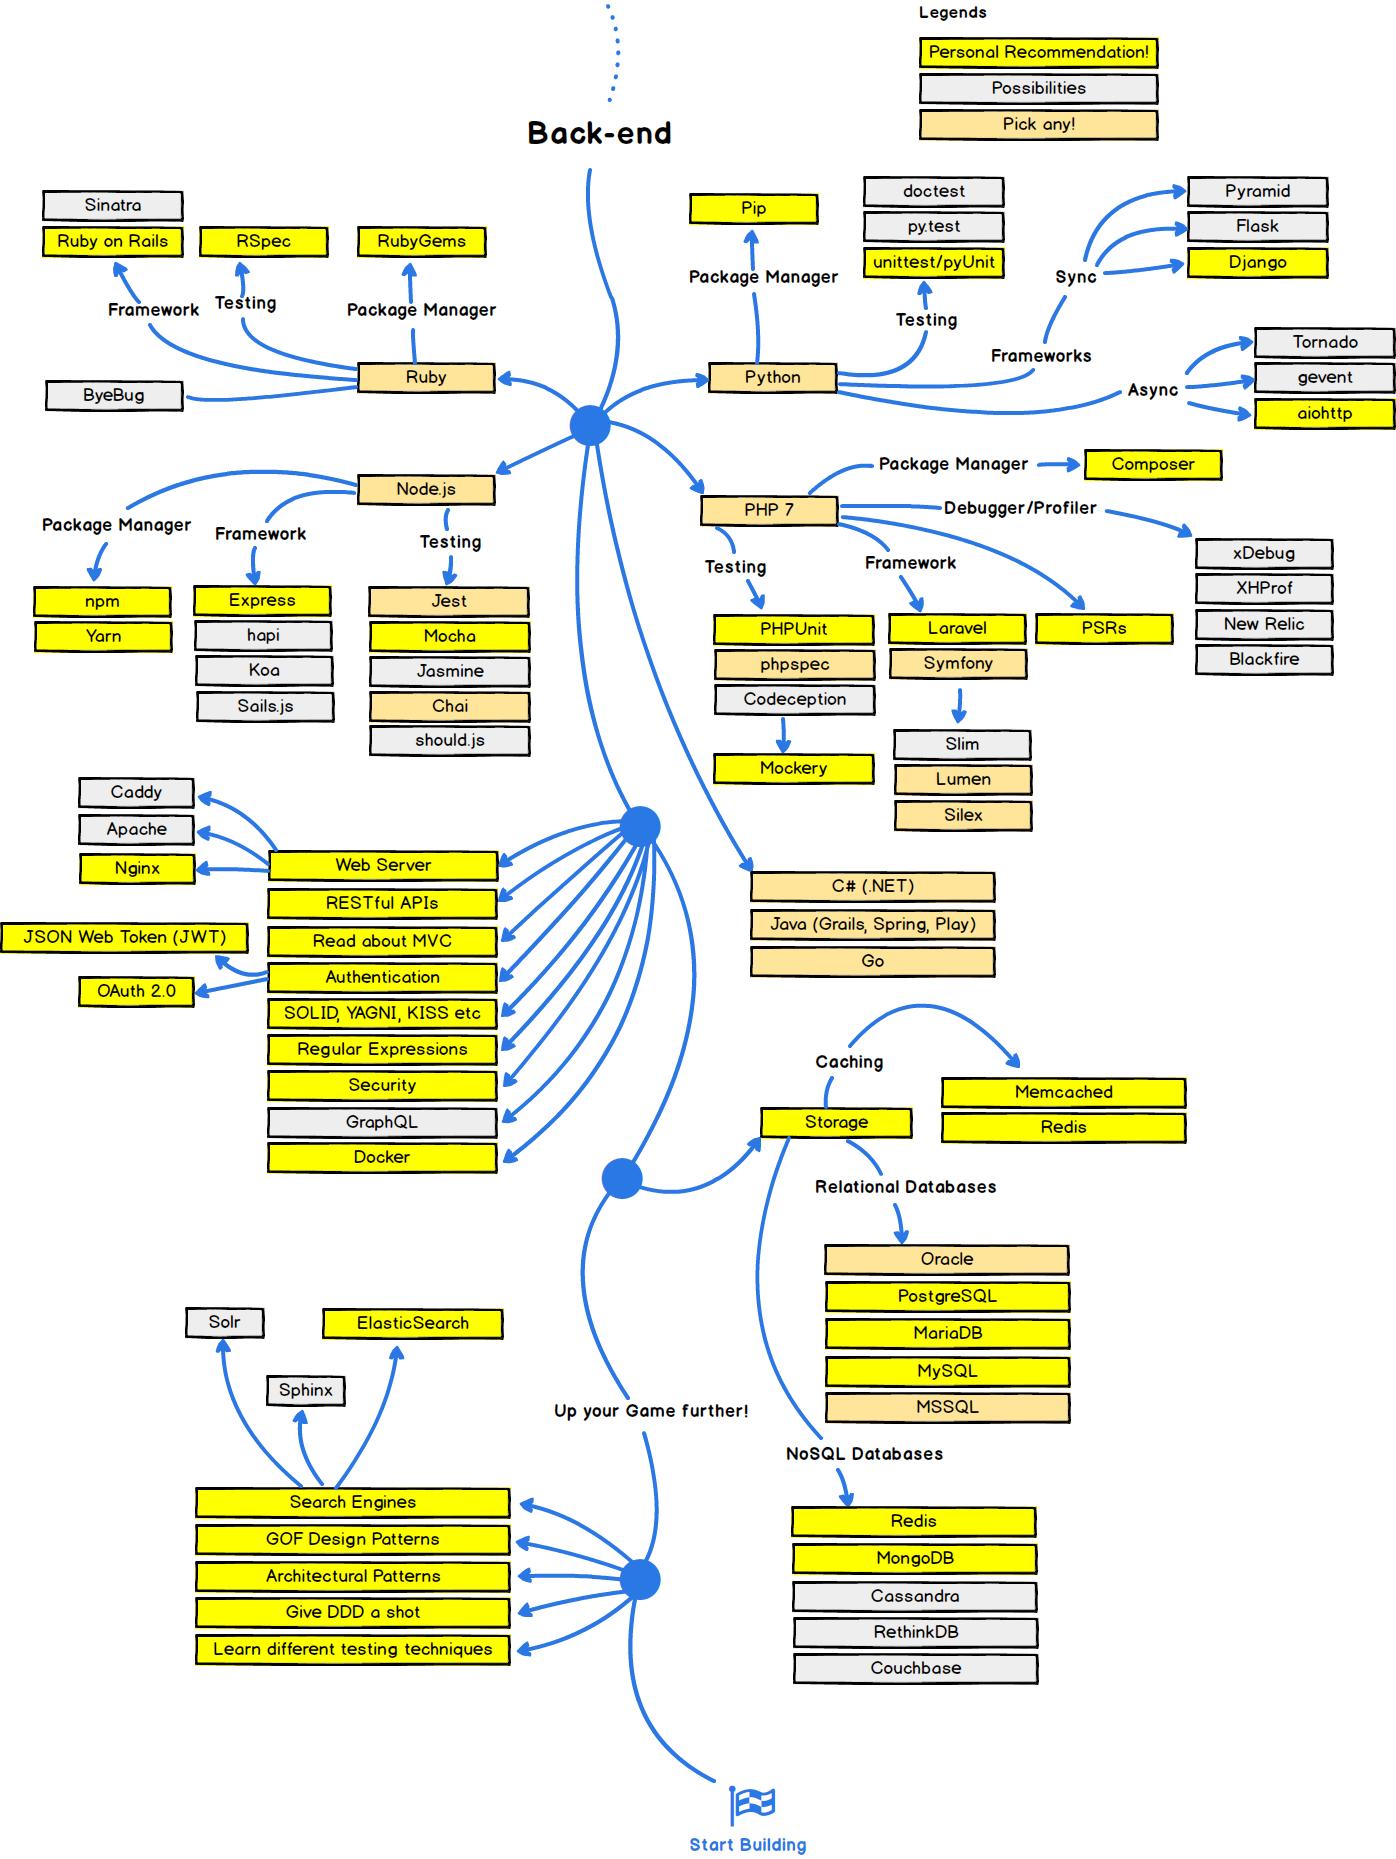 План дій для тих, хто хоче стати веб-розробником в 2017 році